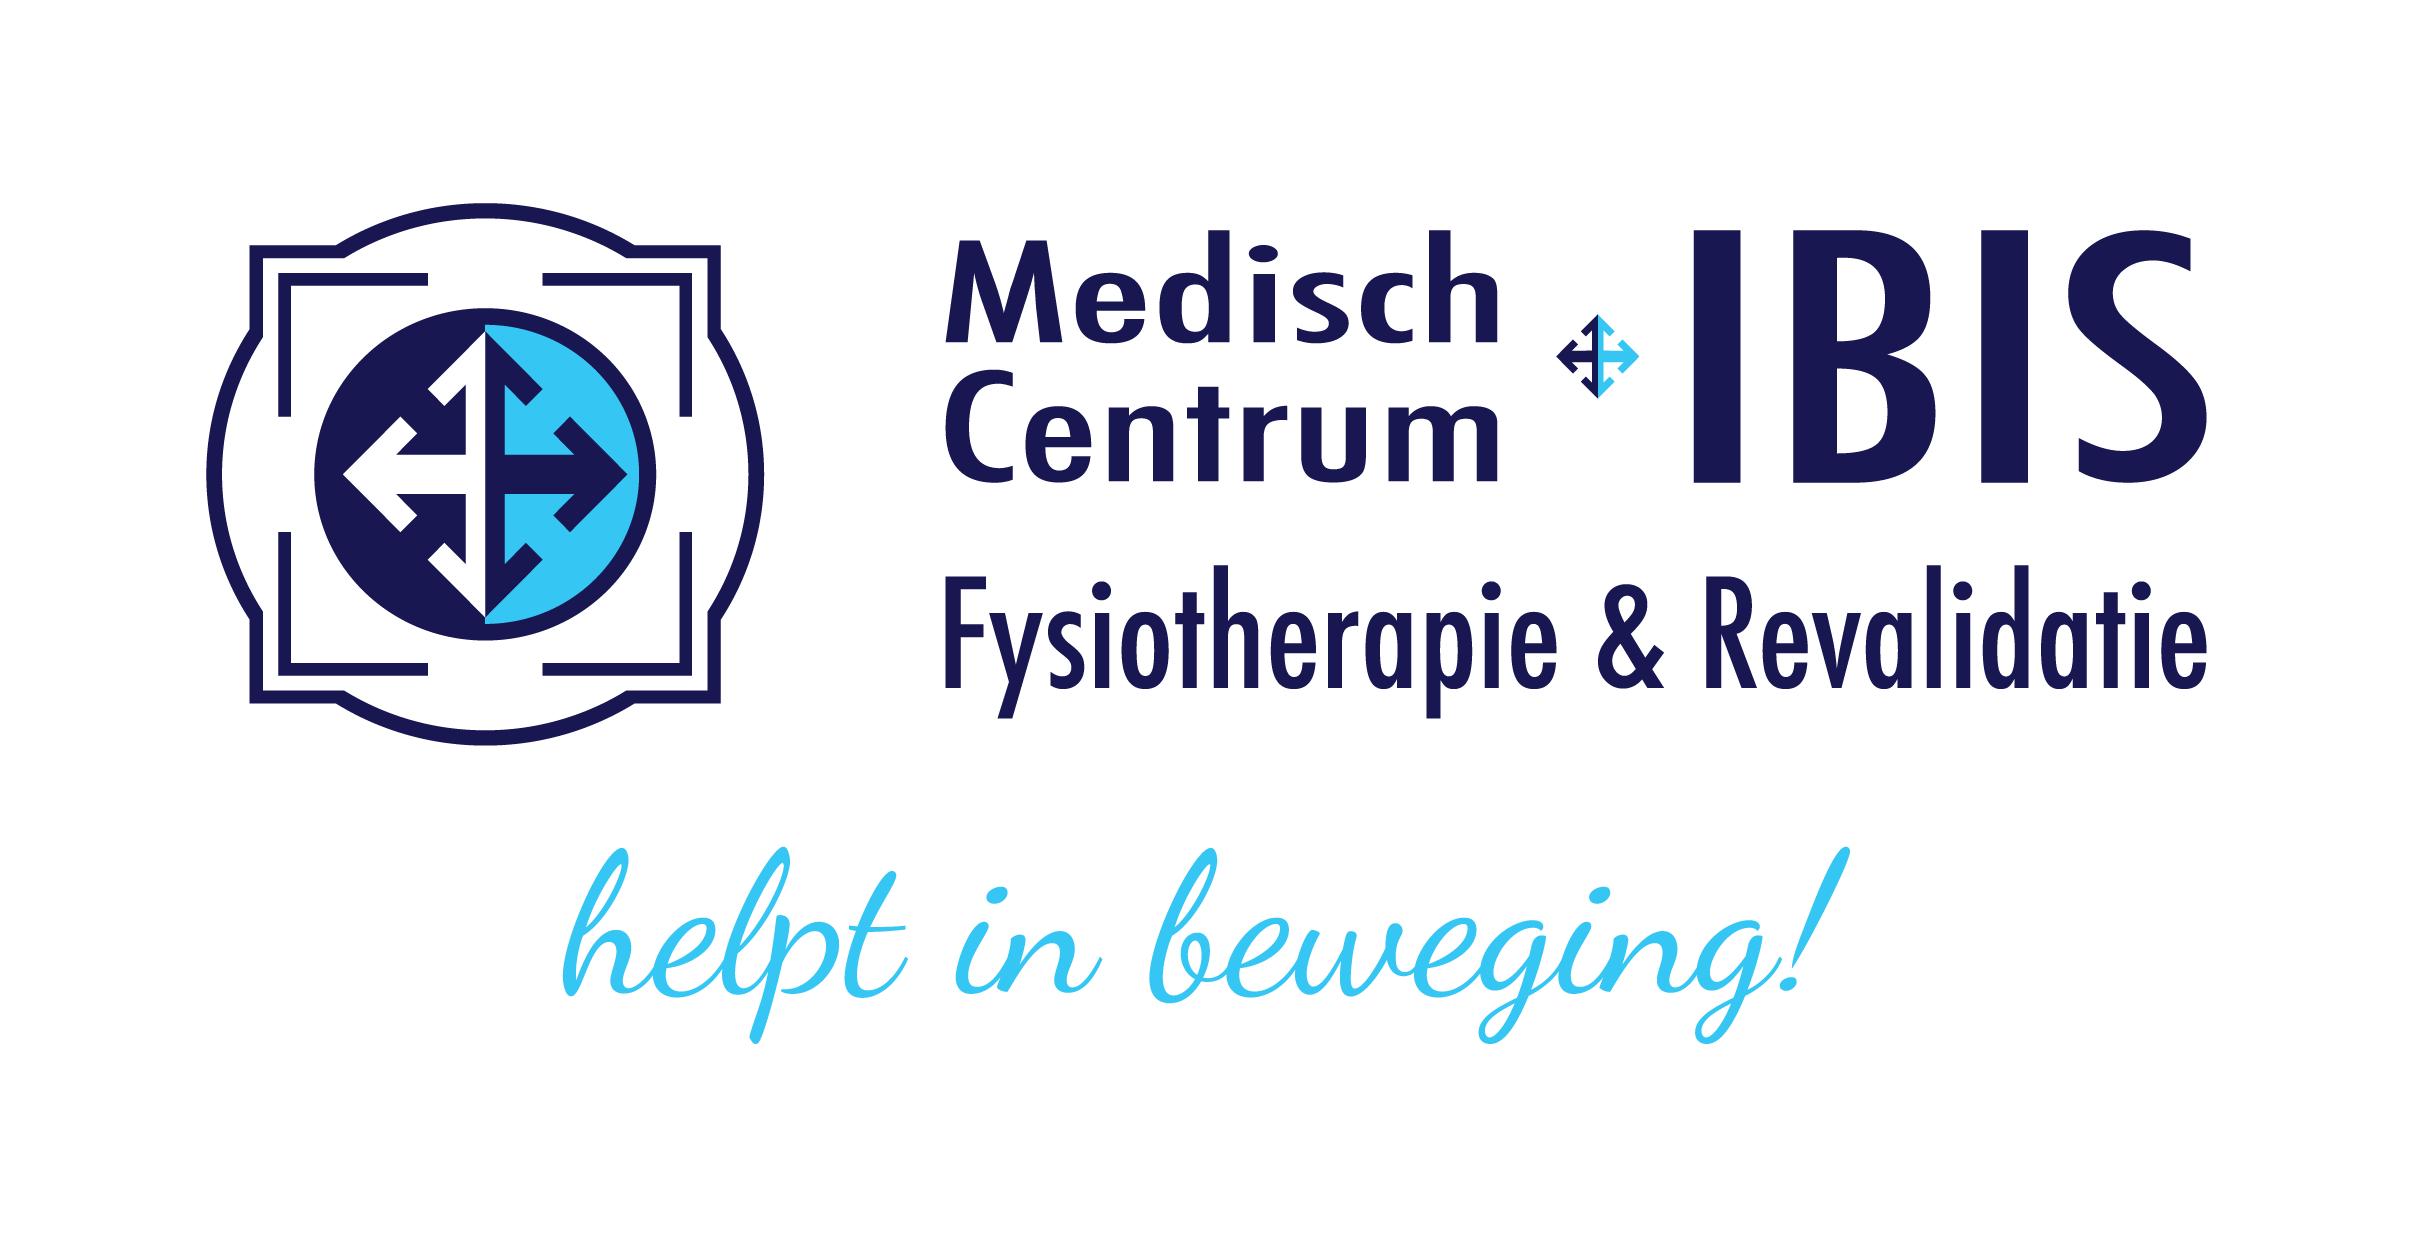 Medisch Centrum IBIS